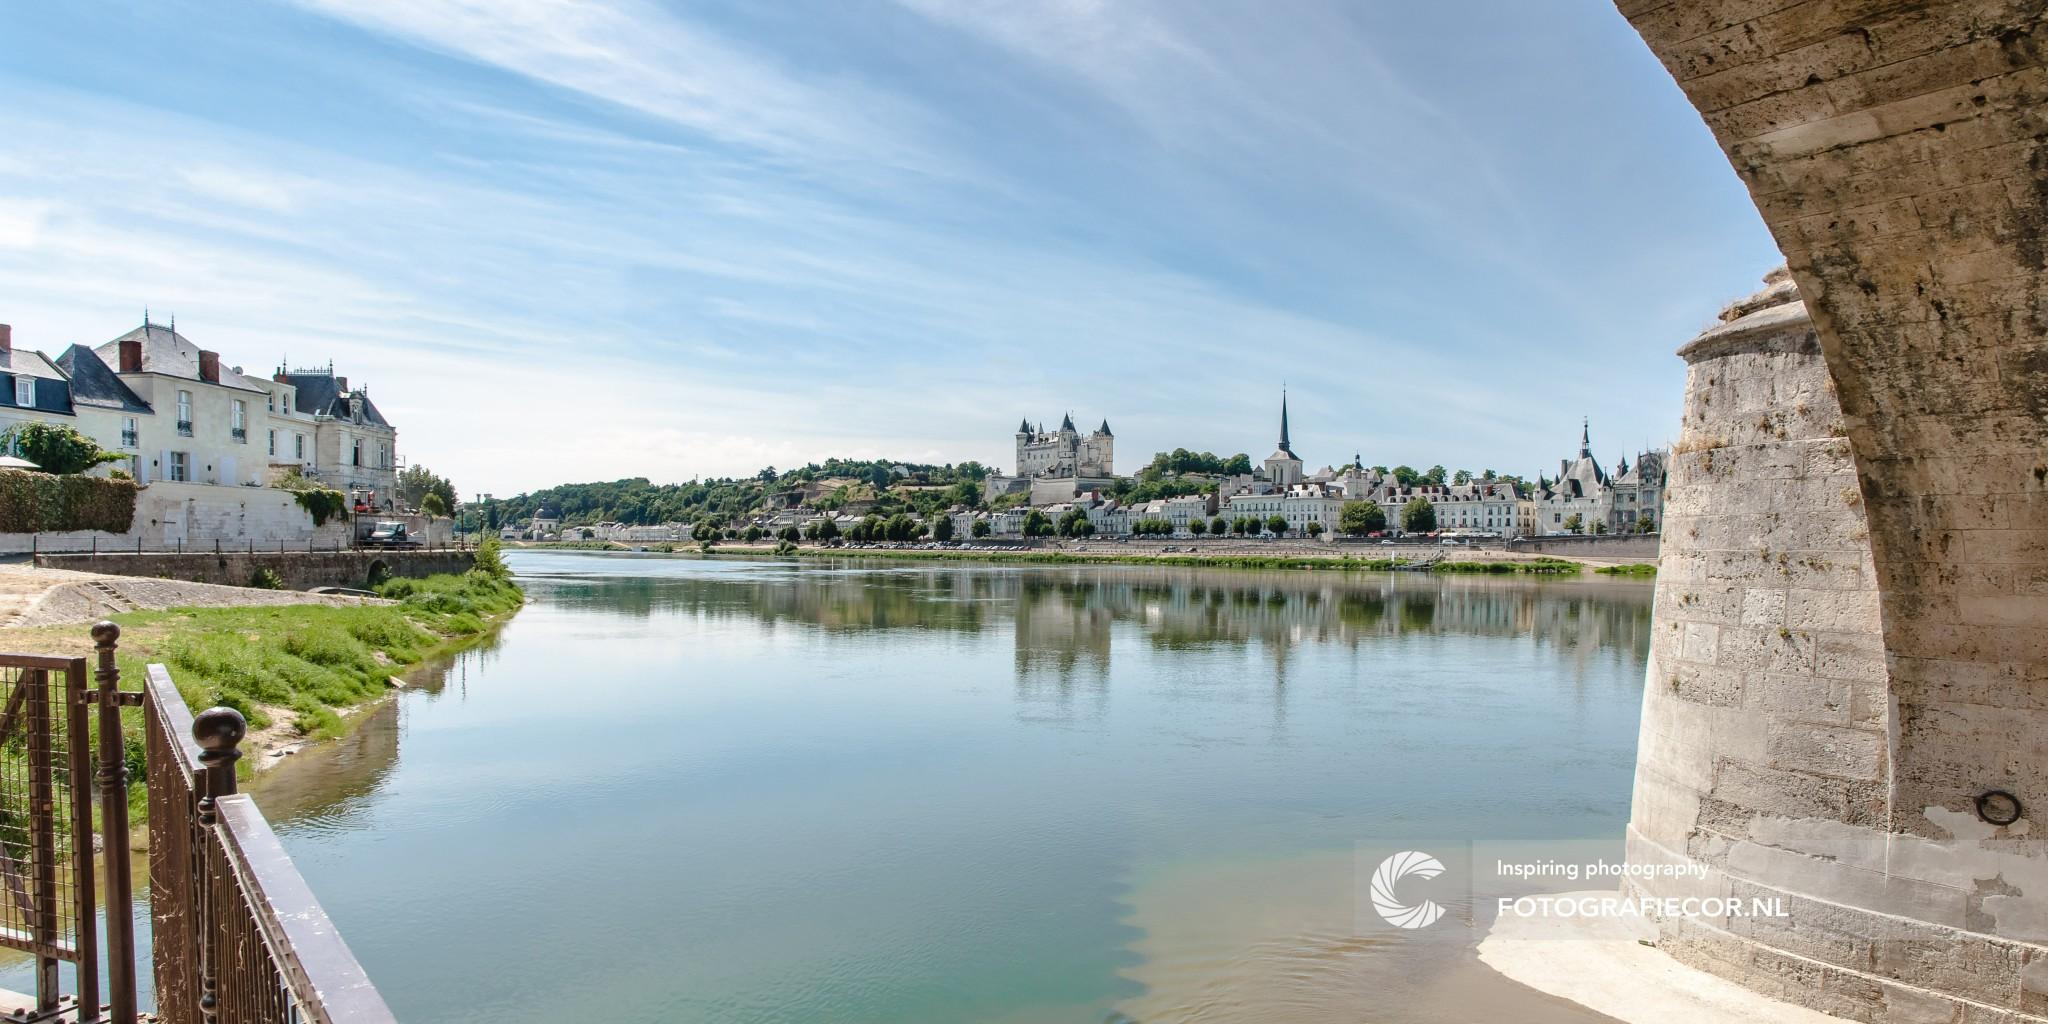 Saumur | Frankrijk | rivier | kasteel | Brug | chateau | tourisme | landschap | | lange sluitertijd